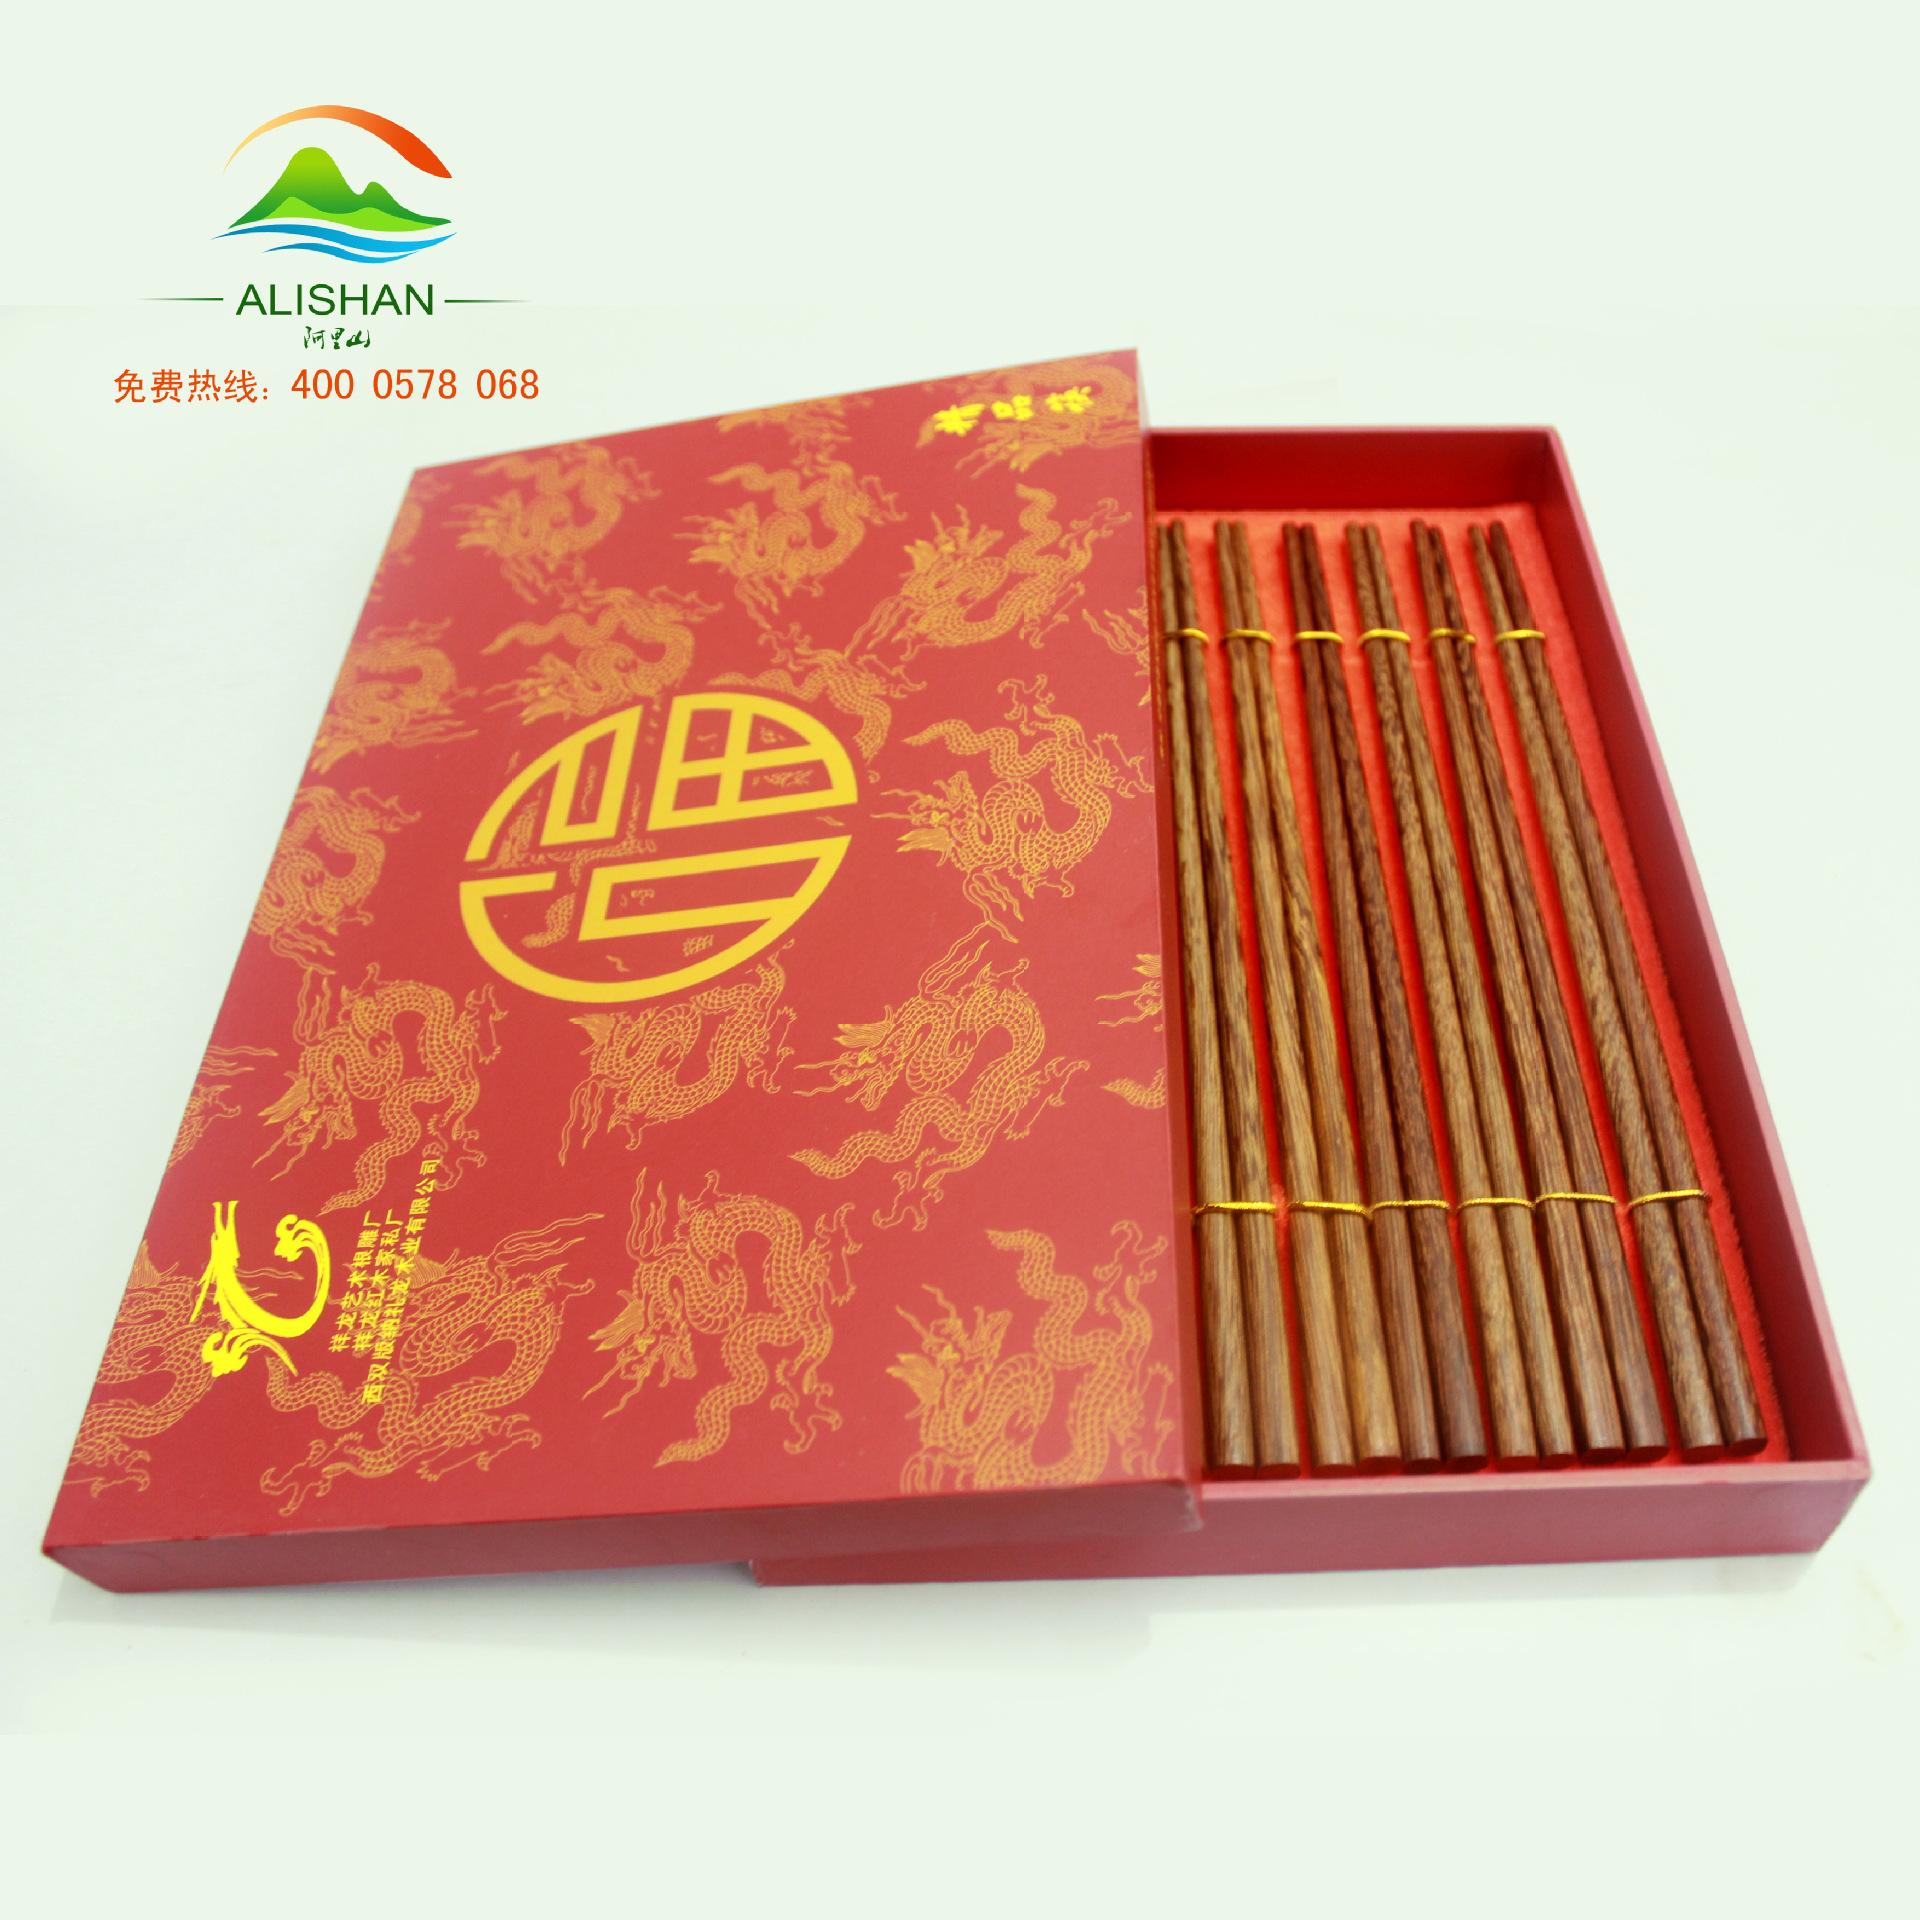 领导礼品礼盒木筷 高档鸡翅木筷子礼品筷 无漆无蜡